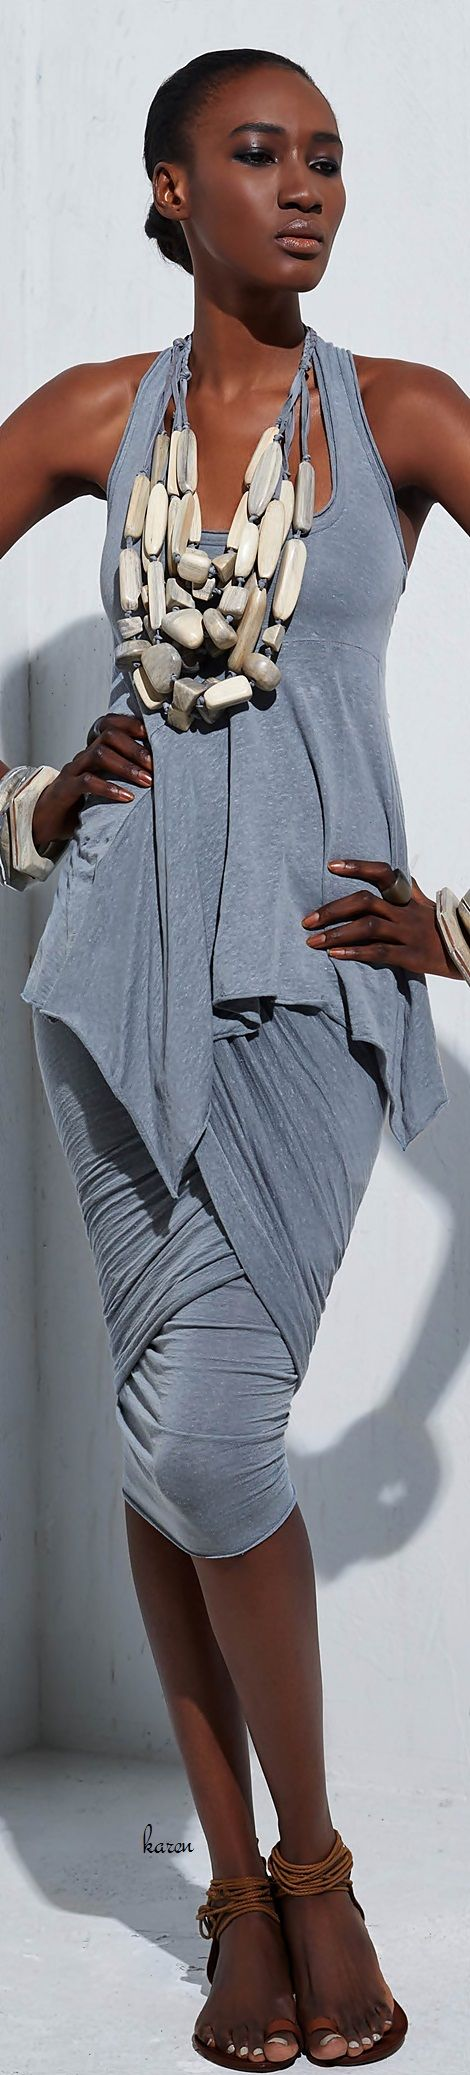 #Farbbberatung #Stilberatung #Farbenreich mit www.farben-reich.com Donna Karan Harmony Collection